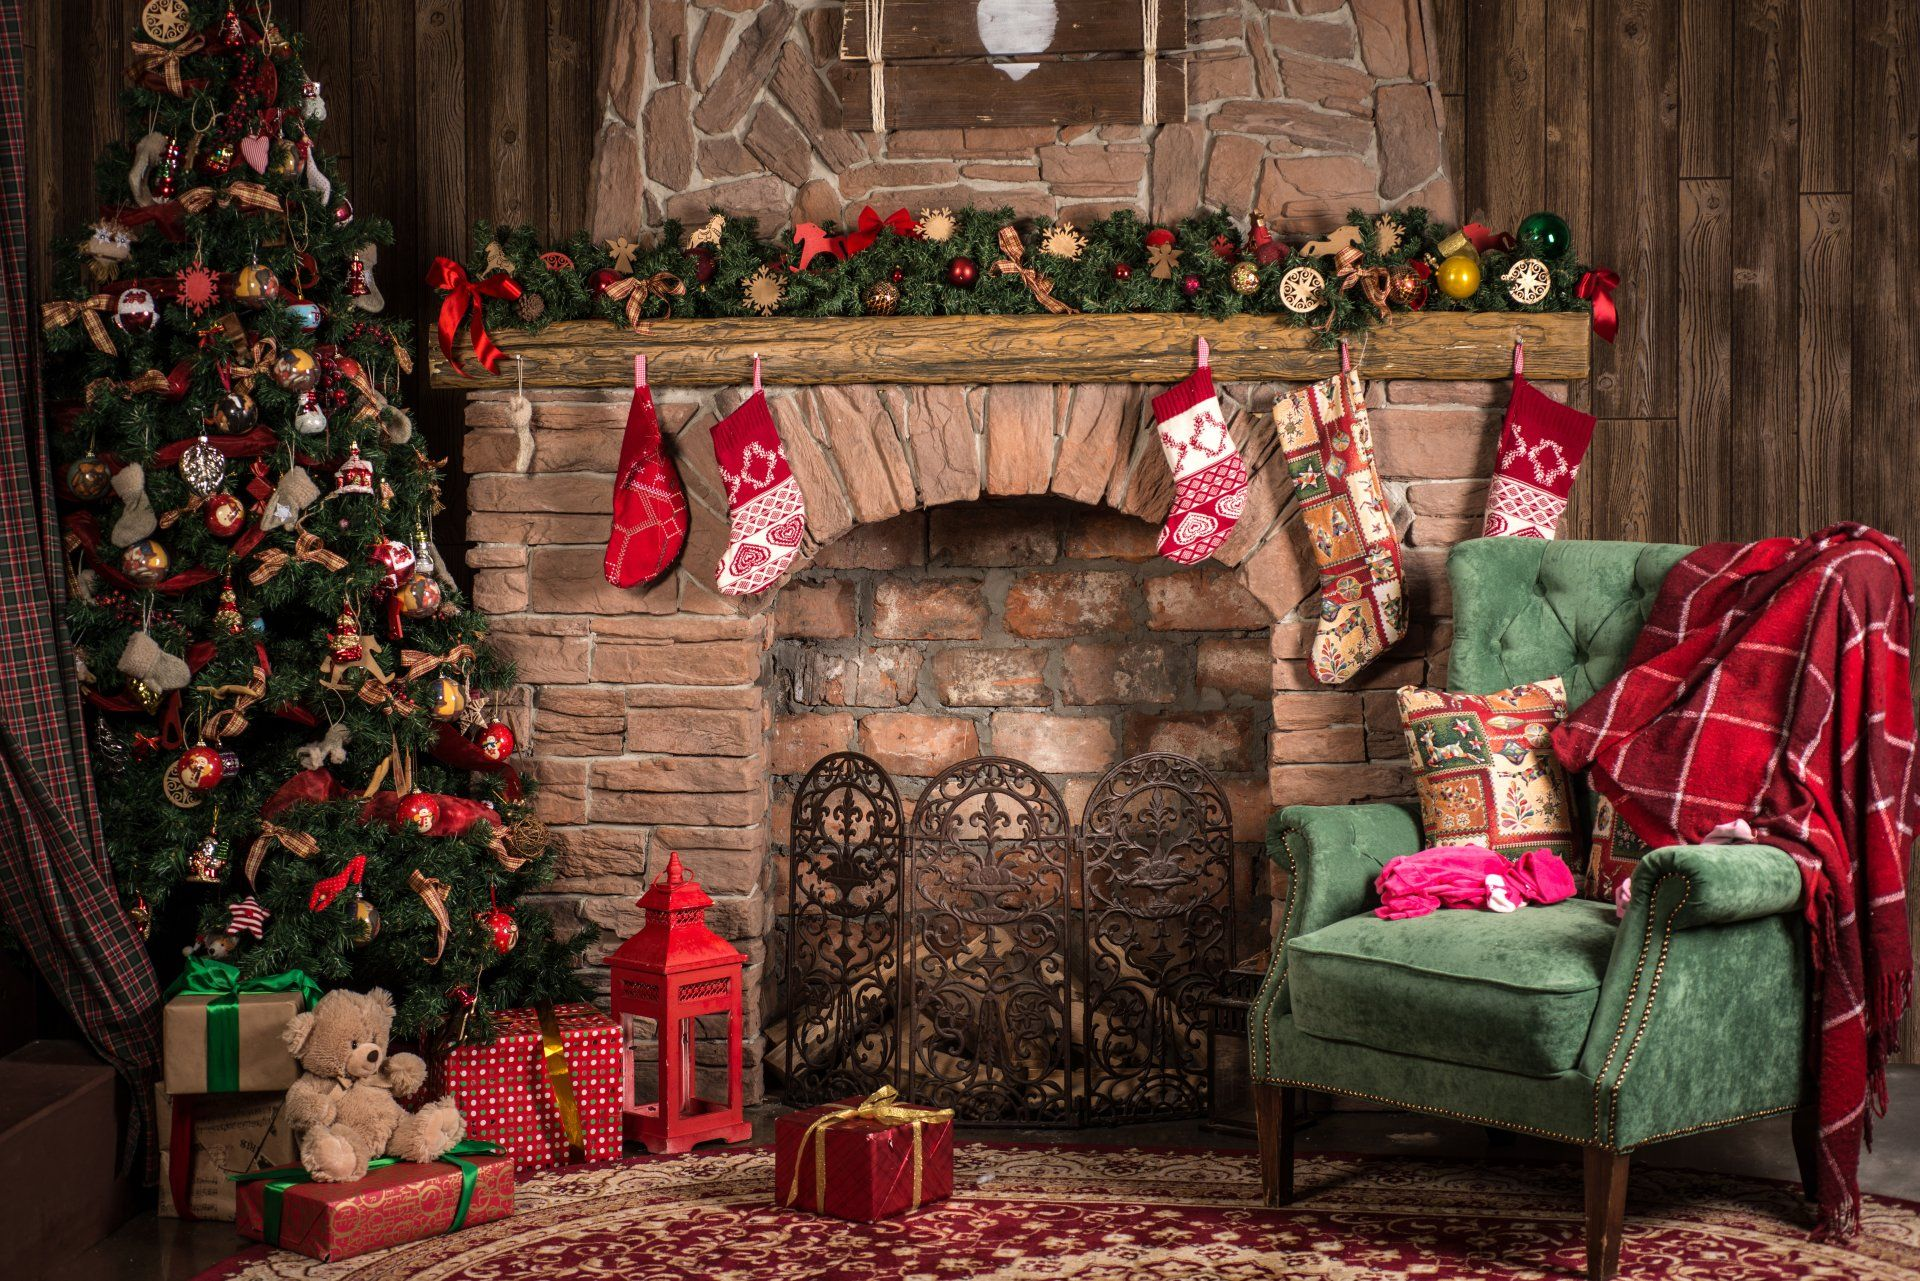 Holiday Christmas Holiday Christmas Tree Living Room Fireplace 1920x1281